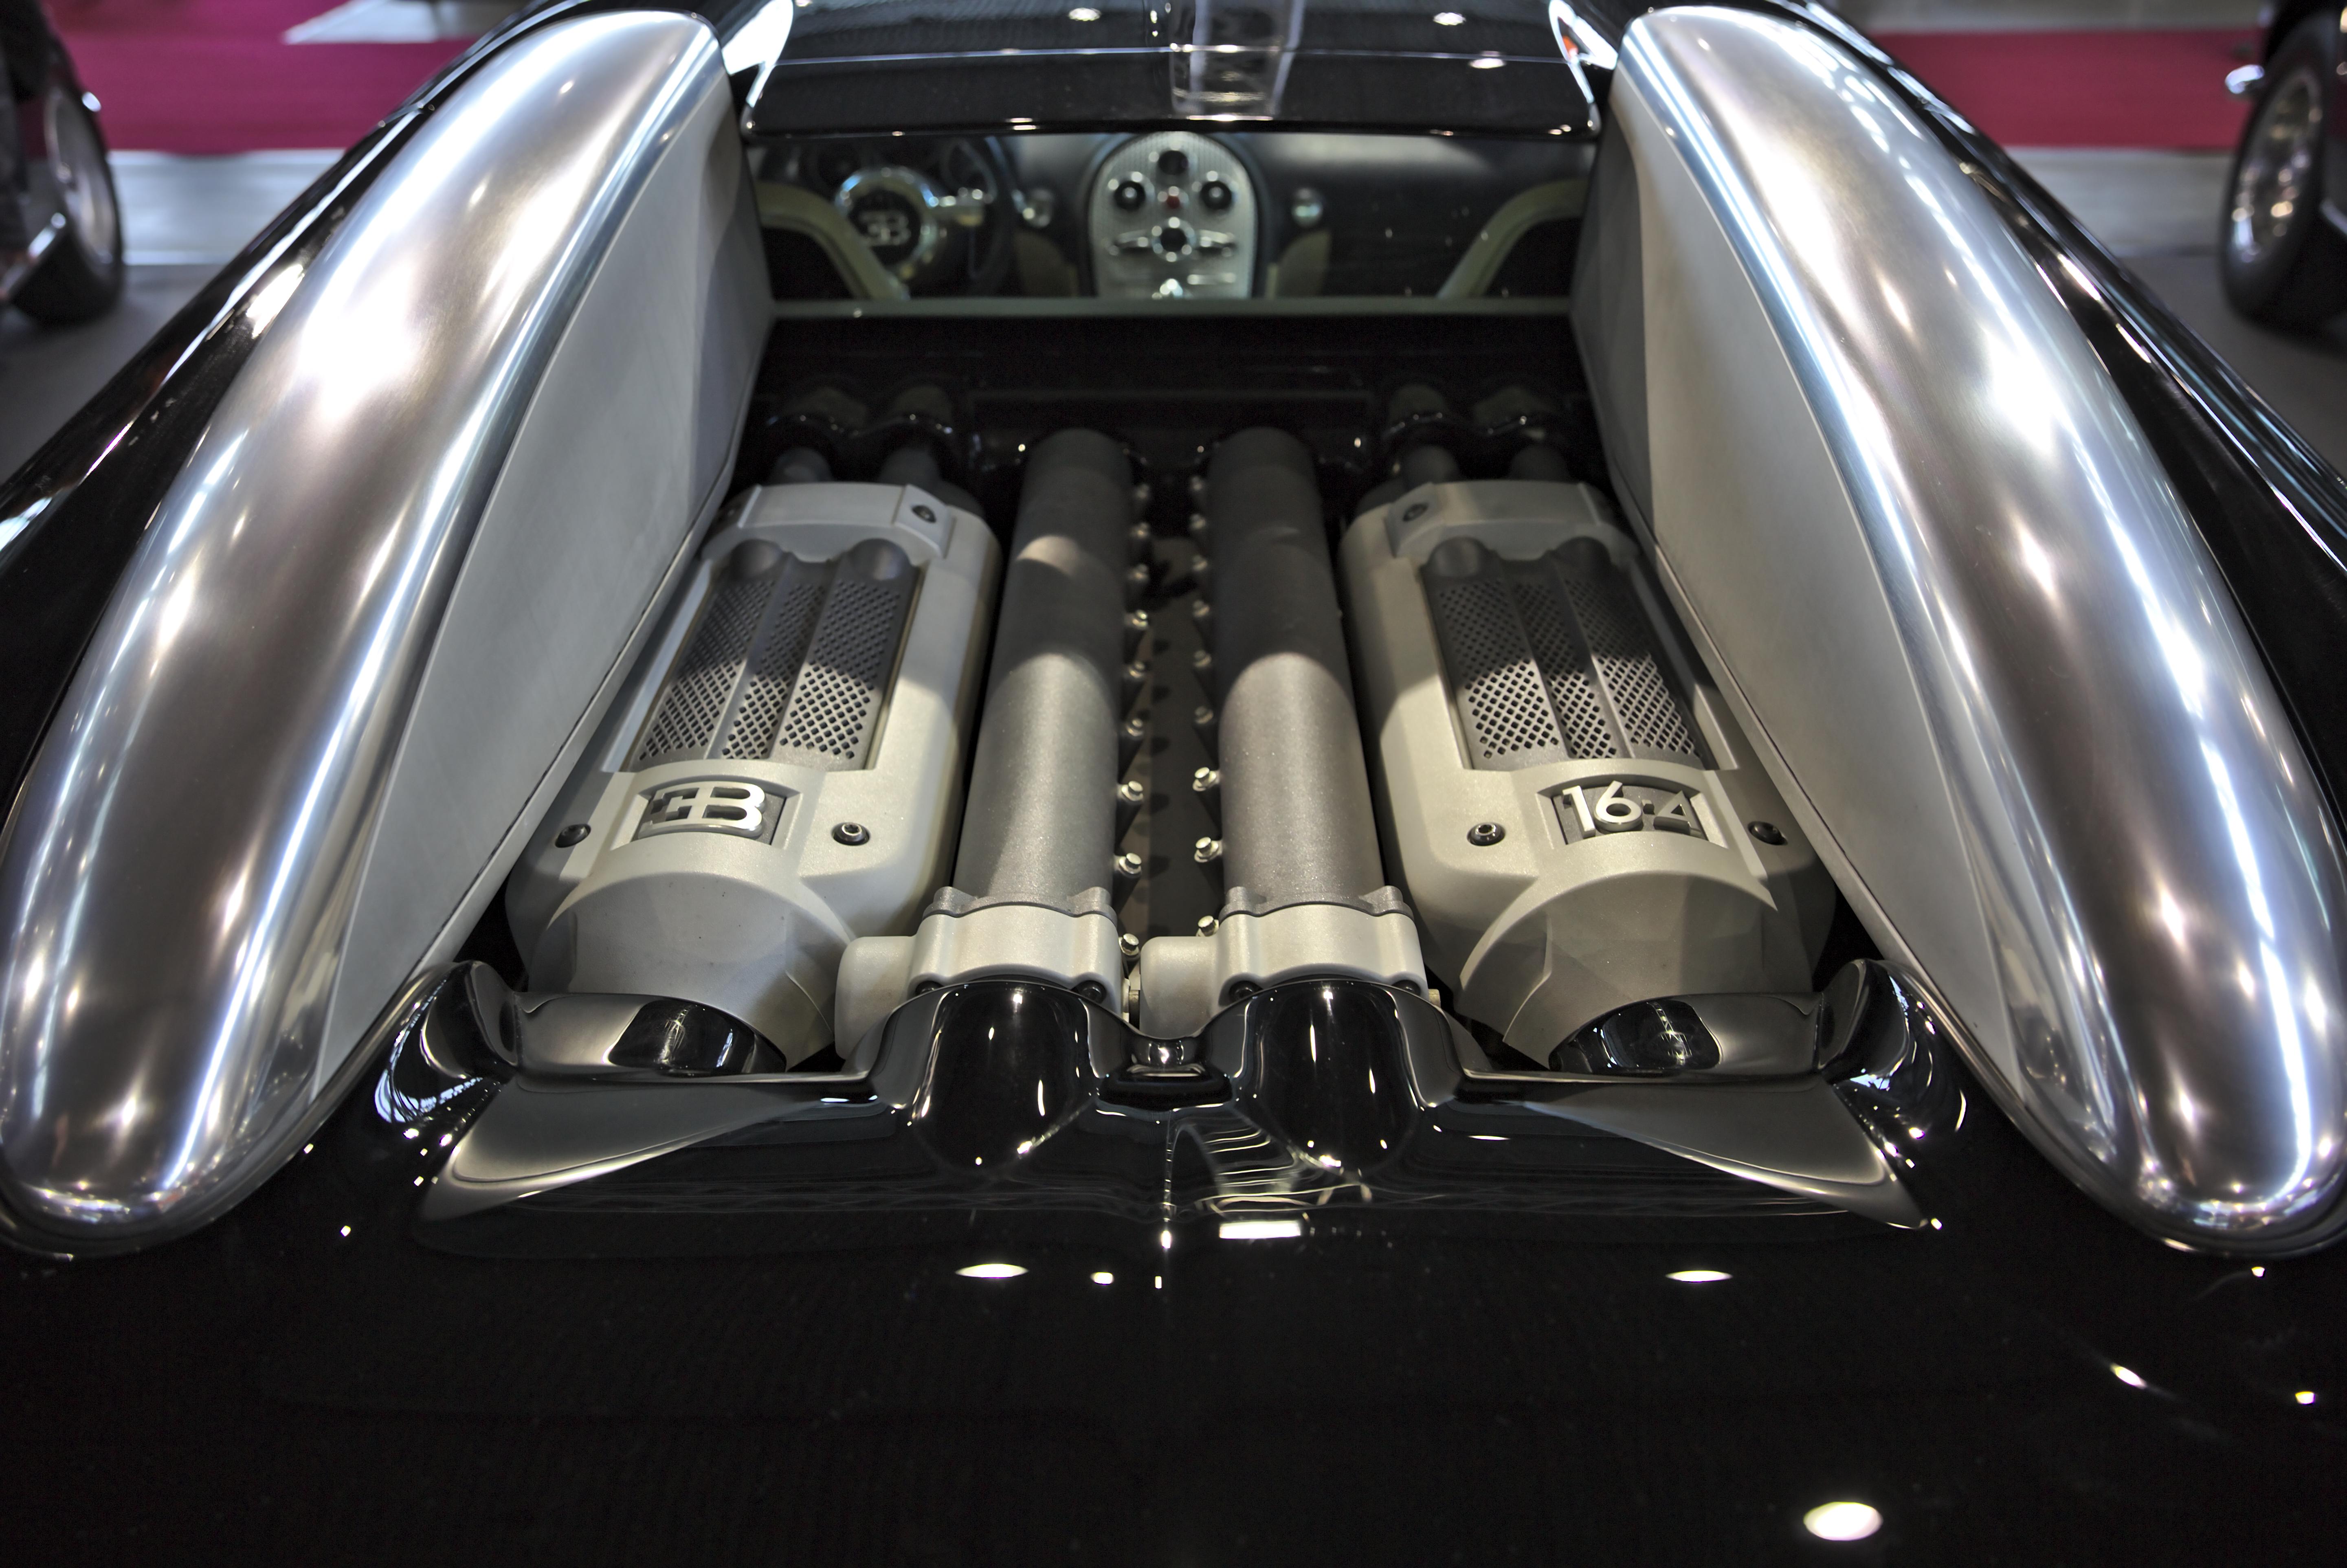 File Bugatti Veyron Engine 1x7a7930 Jpg Wikimedia Commons